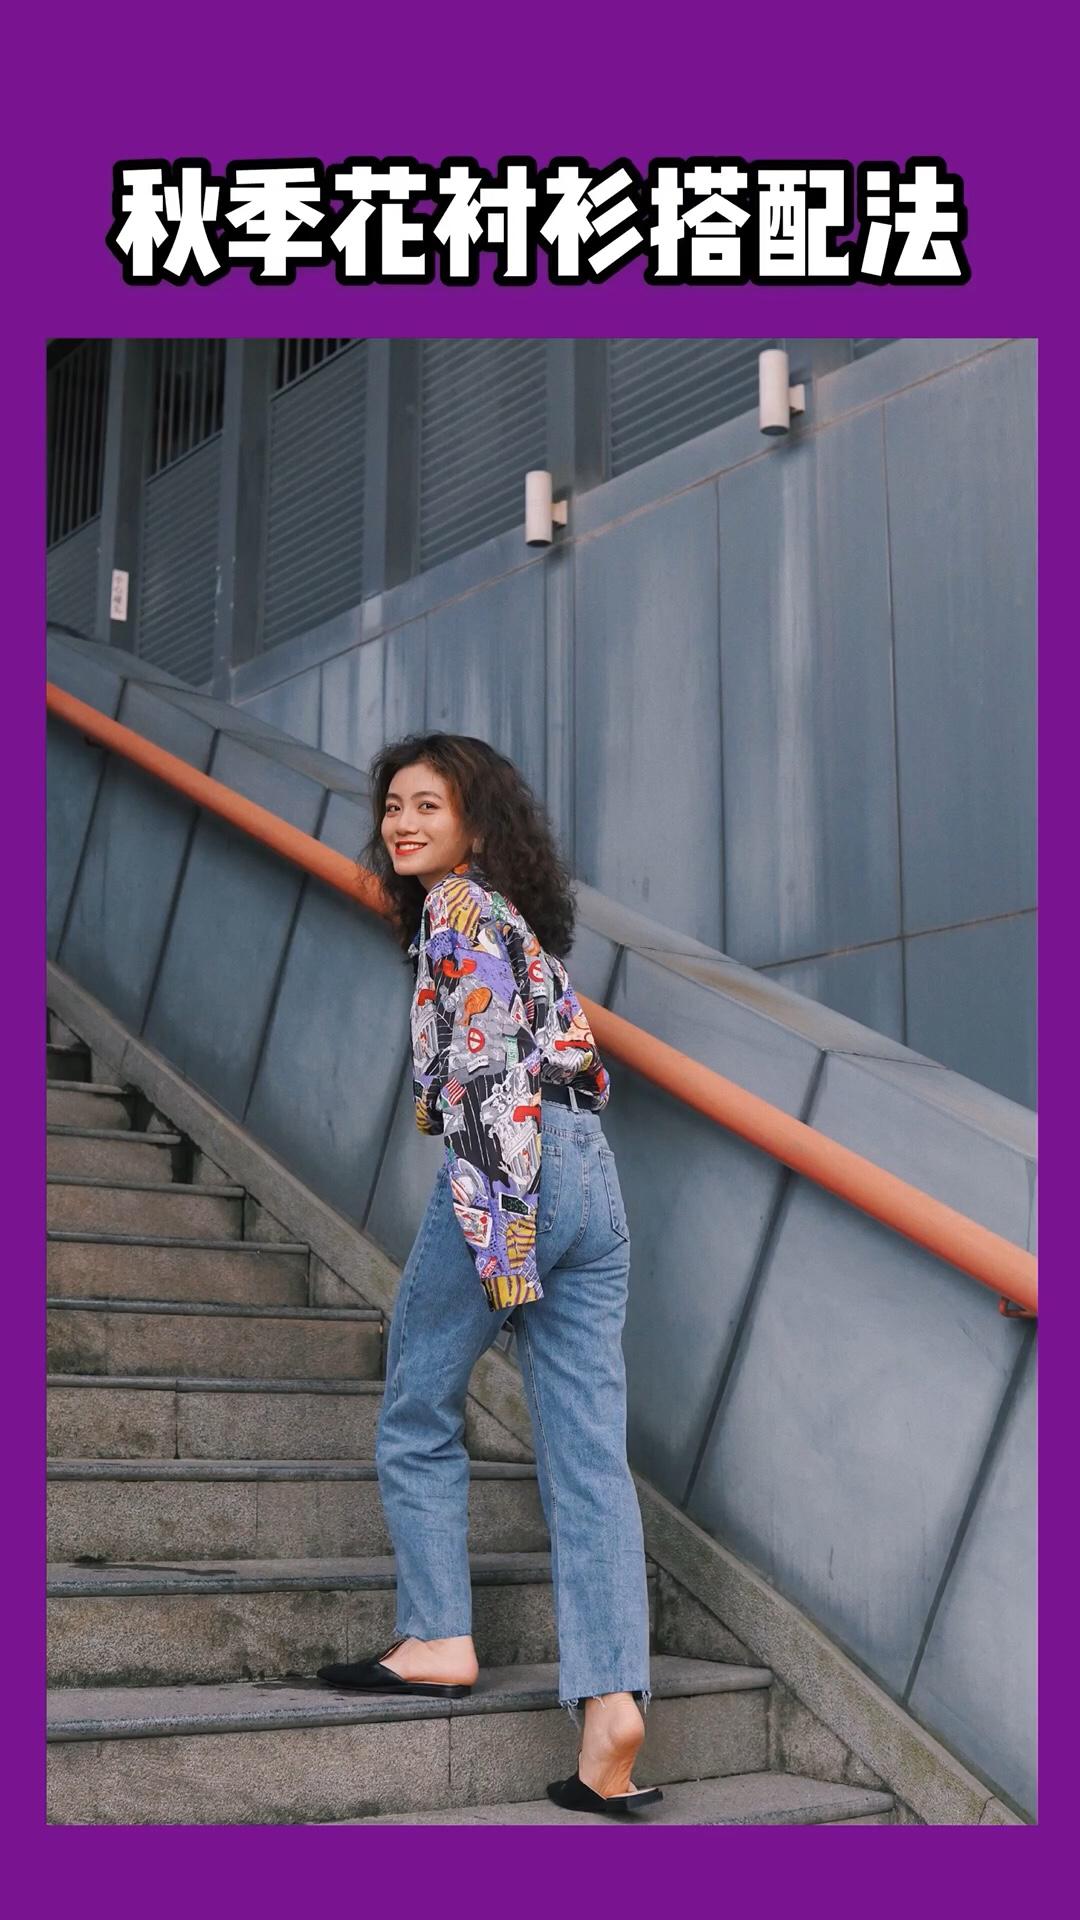 2019 | 少女的色彩水族馆 63 🌈今日色彩:紫🍇蓝💙黑🖋  我是特别喜欢花衬衫的人,所以秋季衬衫单品都是我的首选。这次选择了一件花花紫色衬衫,穿上非常有气质。 对于这种花花单品,我一般会搭配简单的耳饰和下装,比如单色块耳环和纯色牛仔裤。整体看起来有轻重之分,更加和谐。 而且阔腿牛仔裤本身就能很好地遮肉,搭配宽松的衬衫,也能更加显瘦。 #换季吸睛:百搭长袖衫上线#